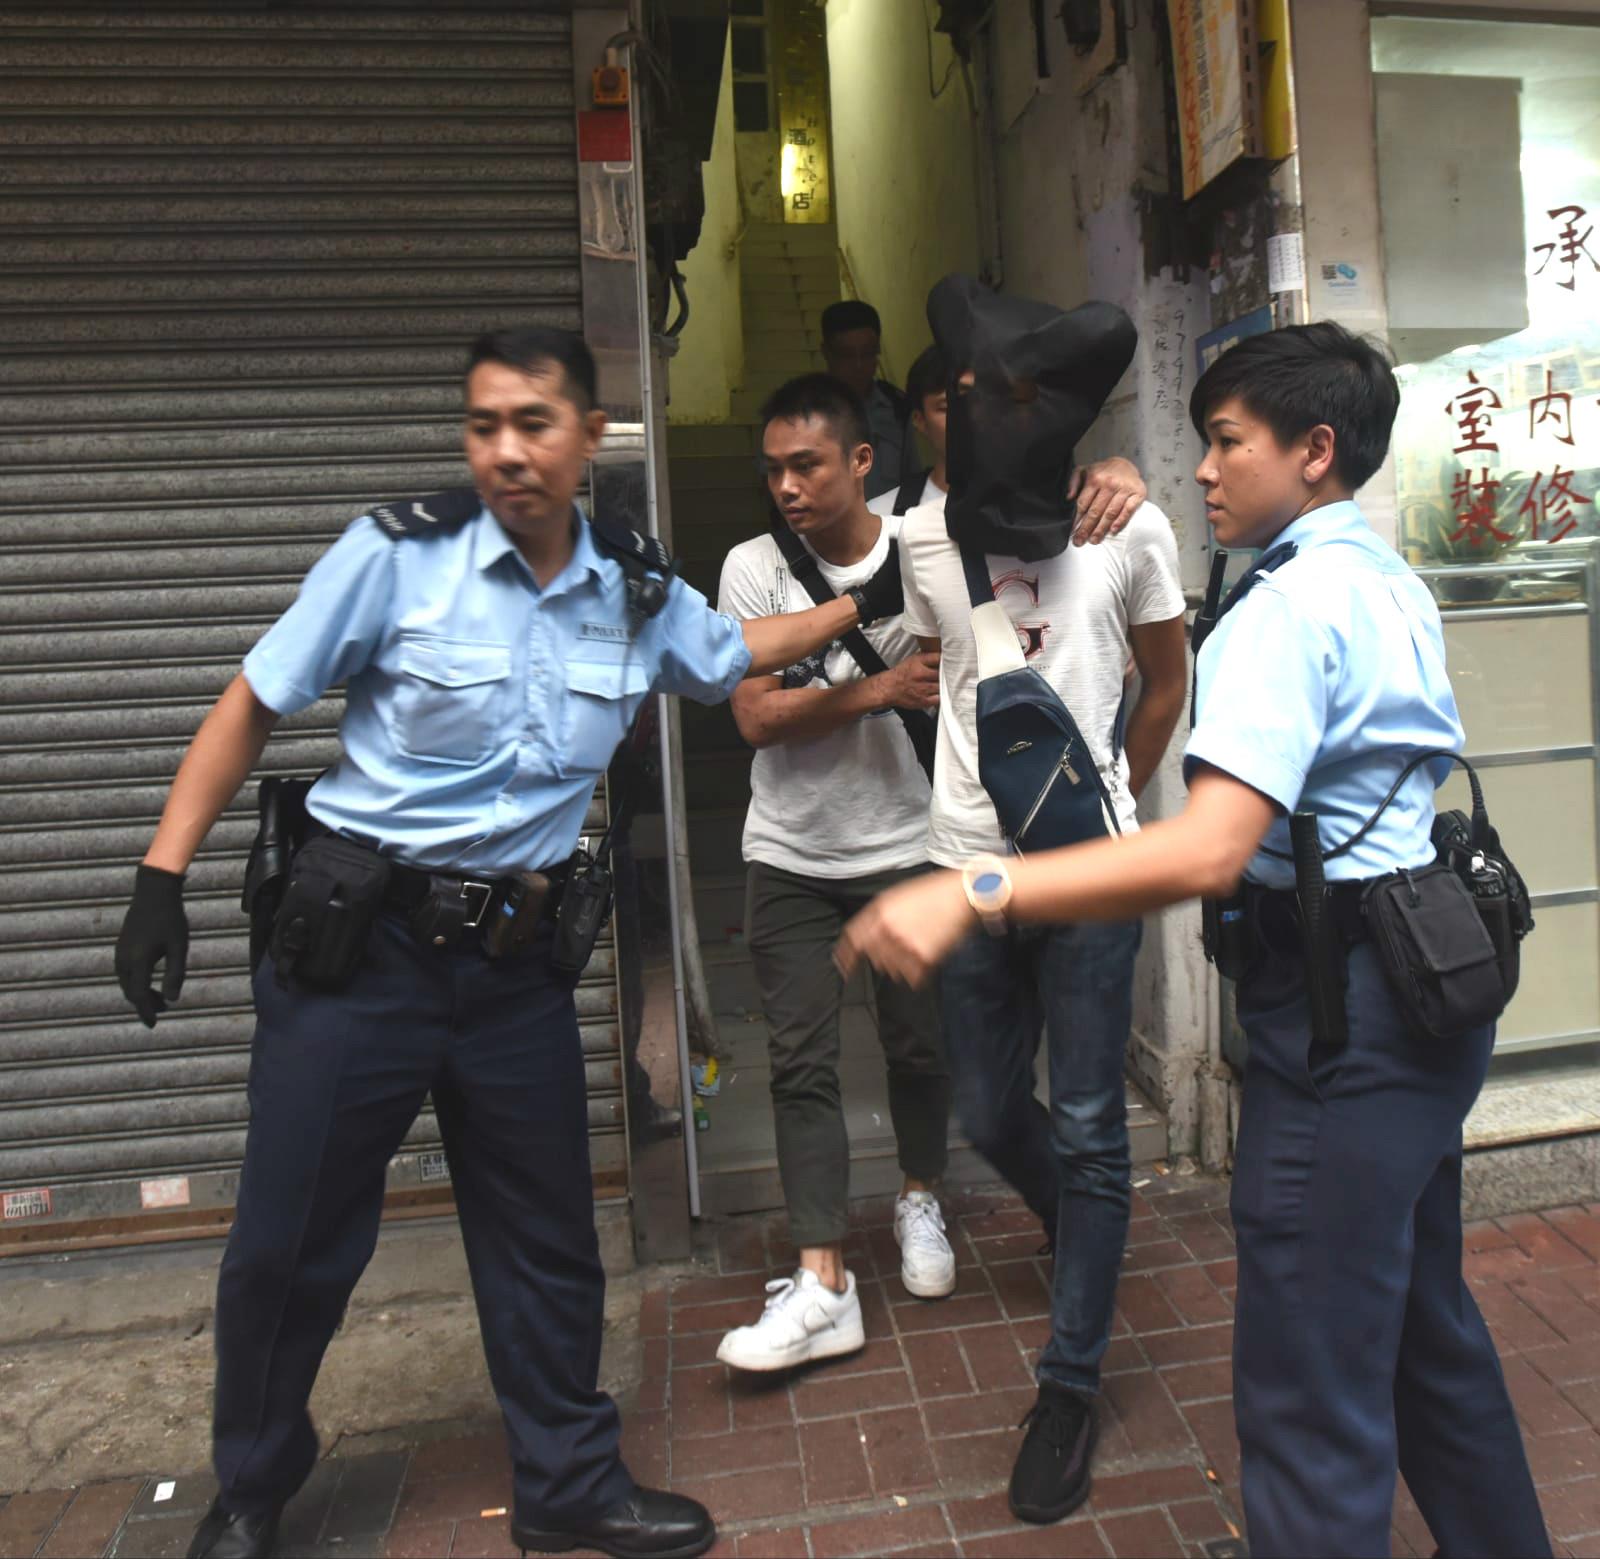 警方帶走兩名涉案男子